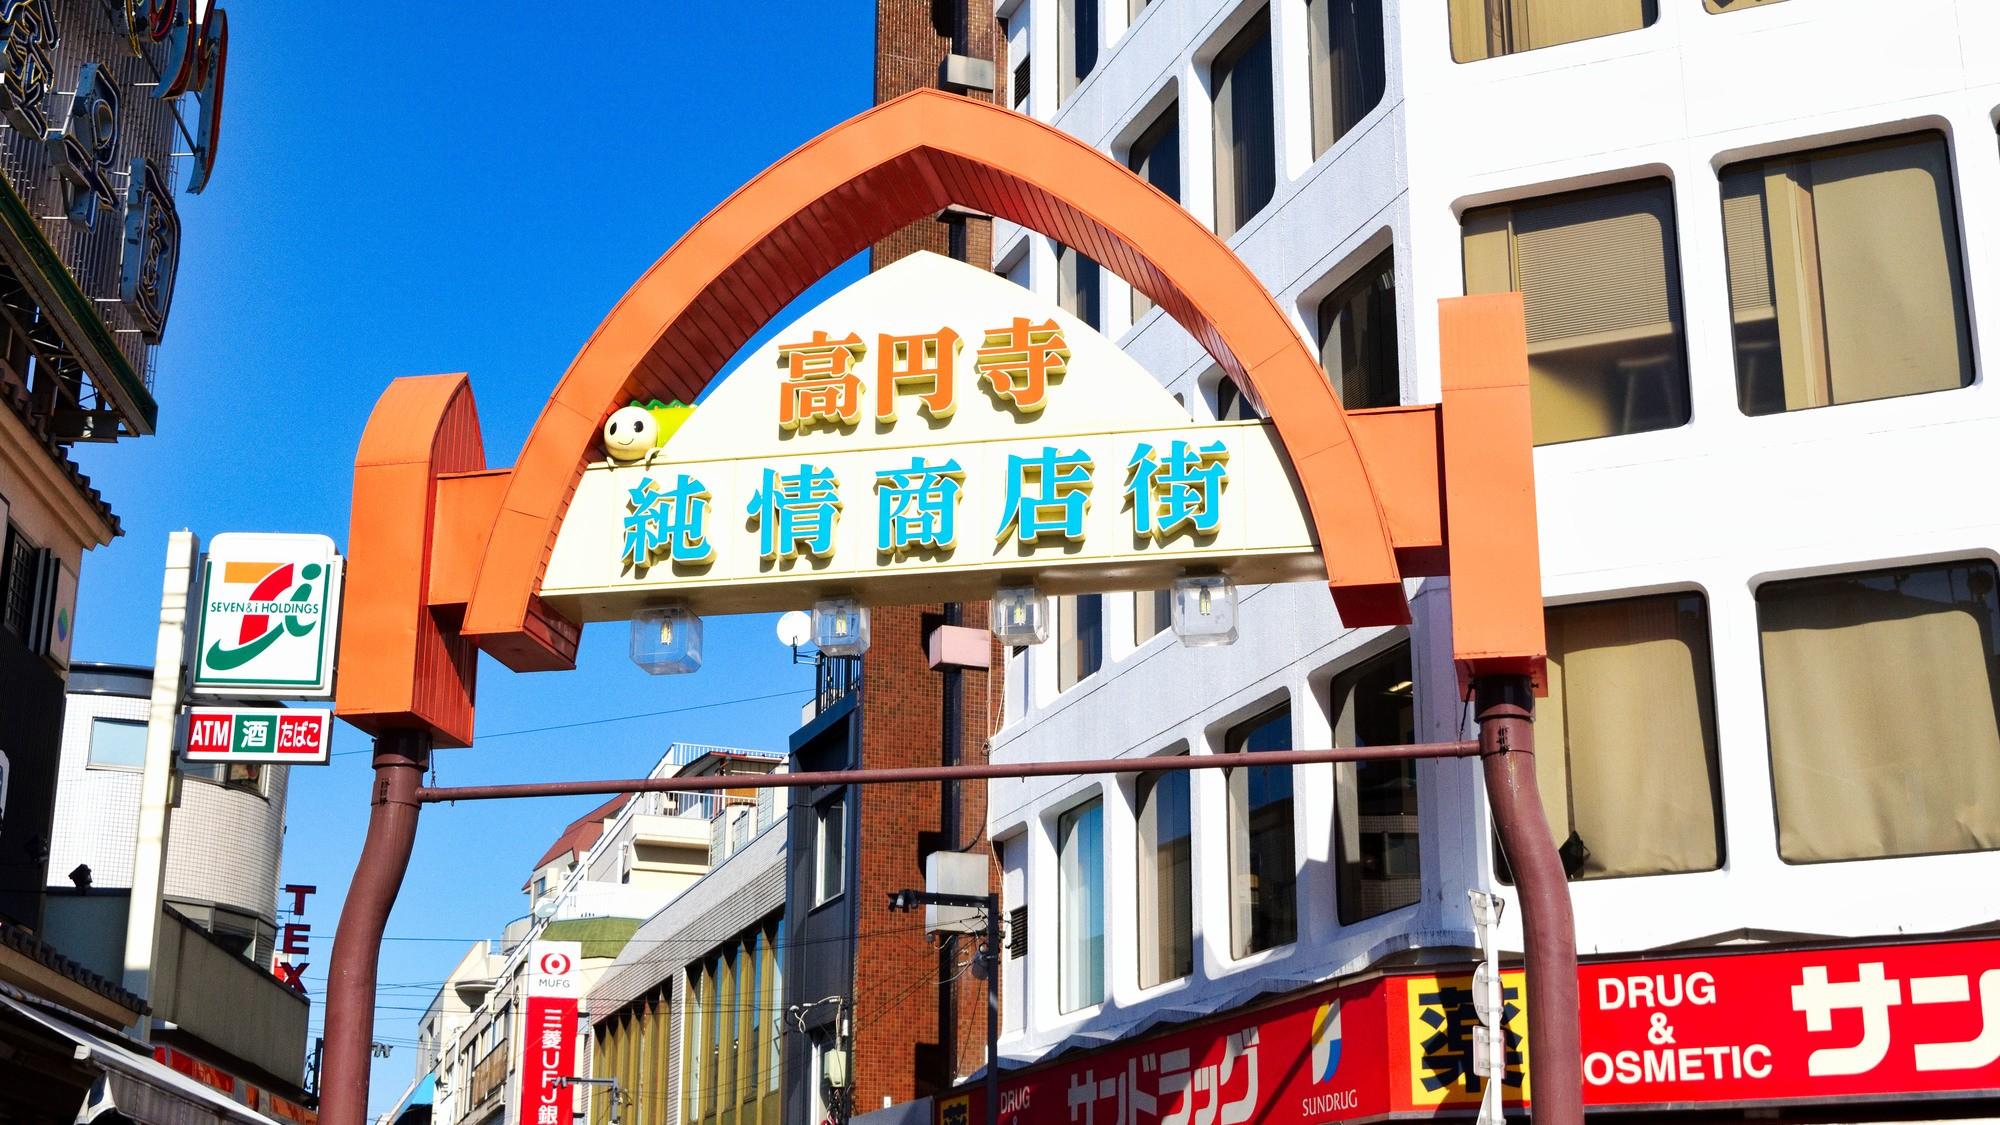 ディープな若者文化が根付く「高円寺」への投資は黄色信号か!?